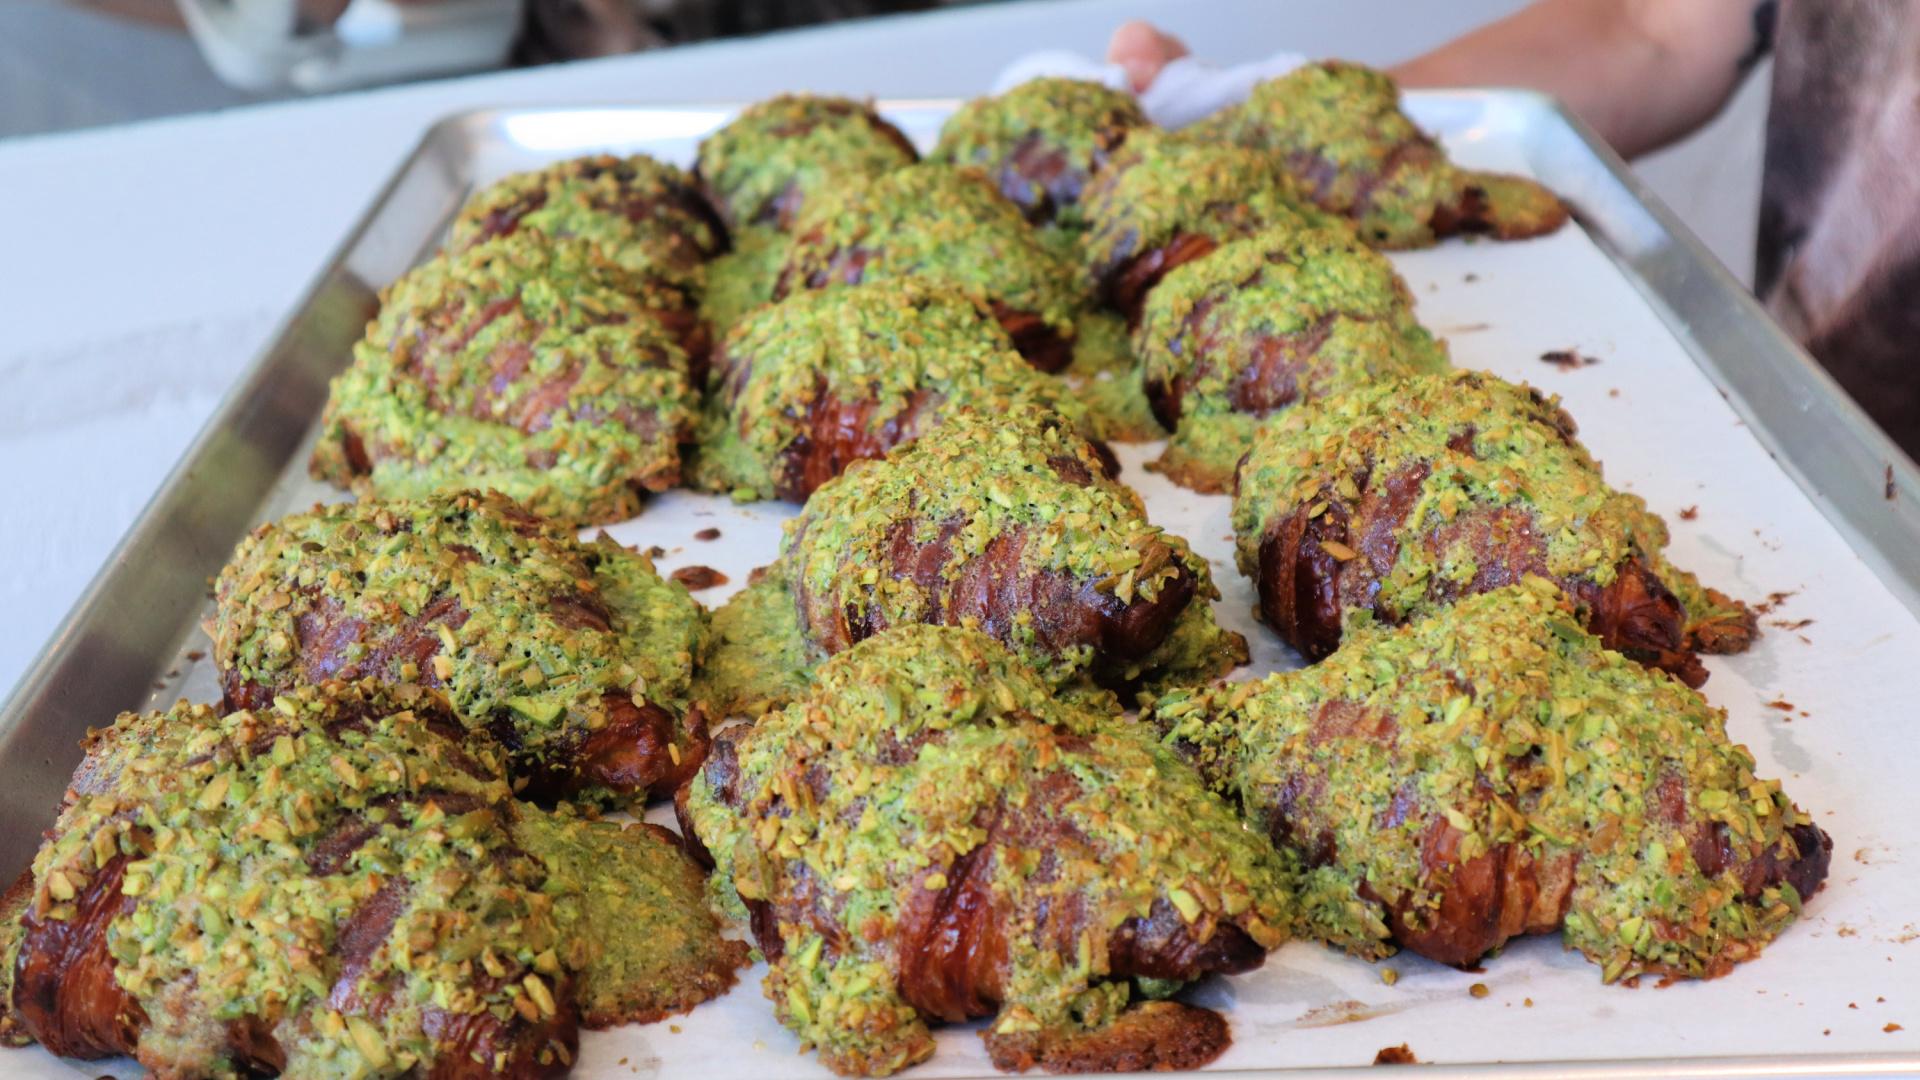 pistachio croissant emmer bakery